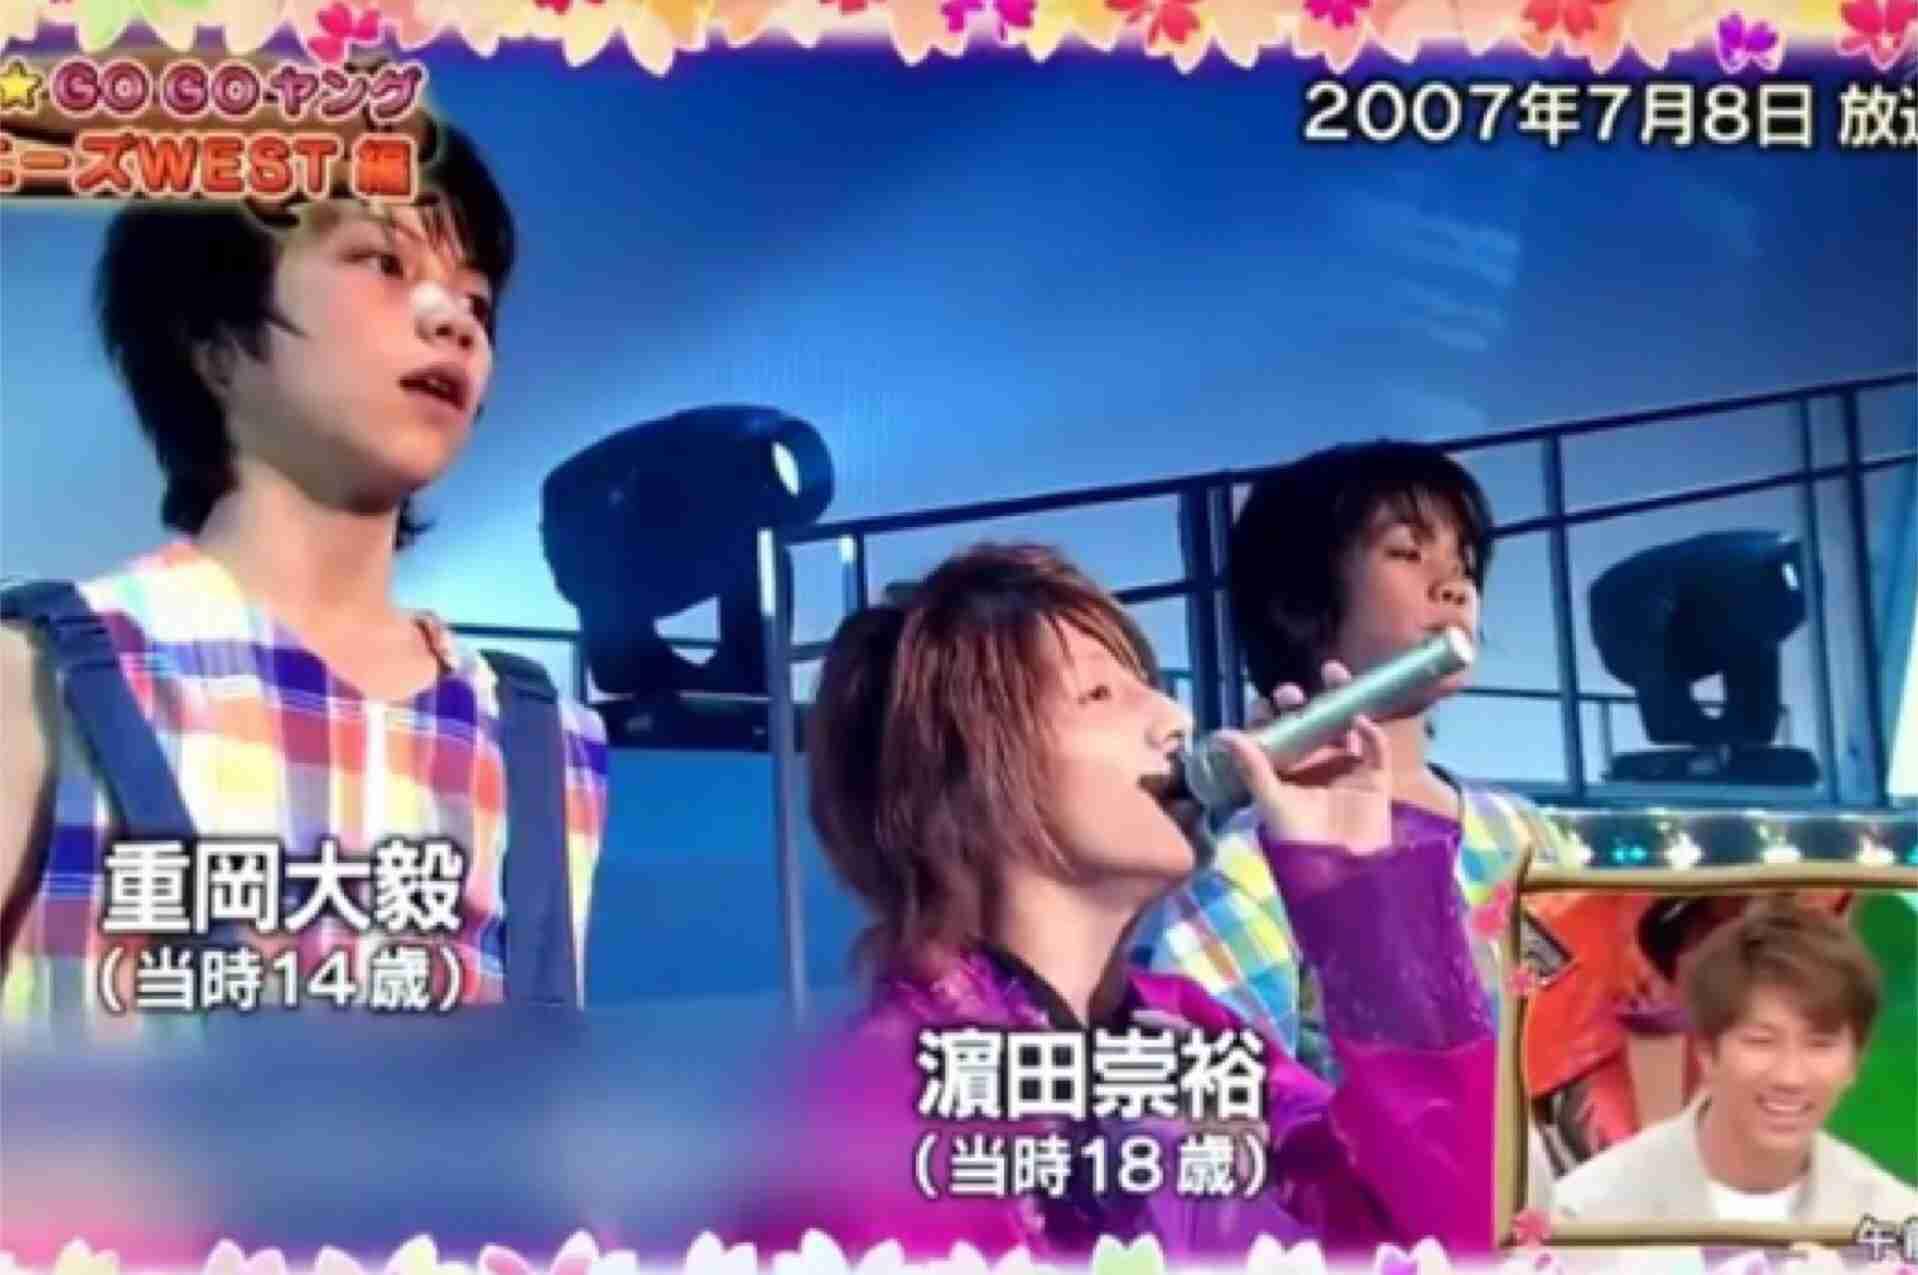 ジャニーズWESTのコンサートに参加した若手女芸人、グッズ大量購入がファンにバレ炎上!